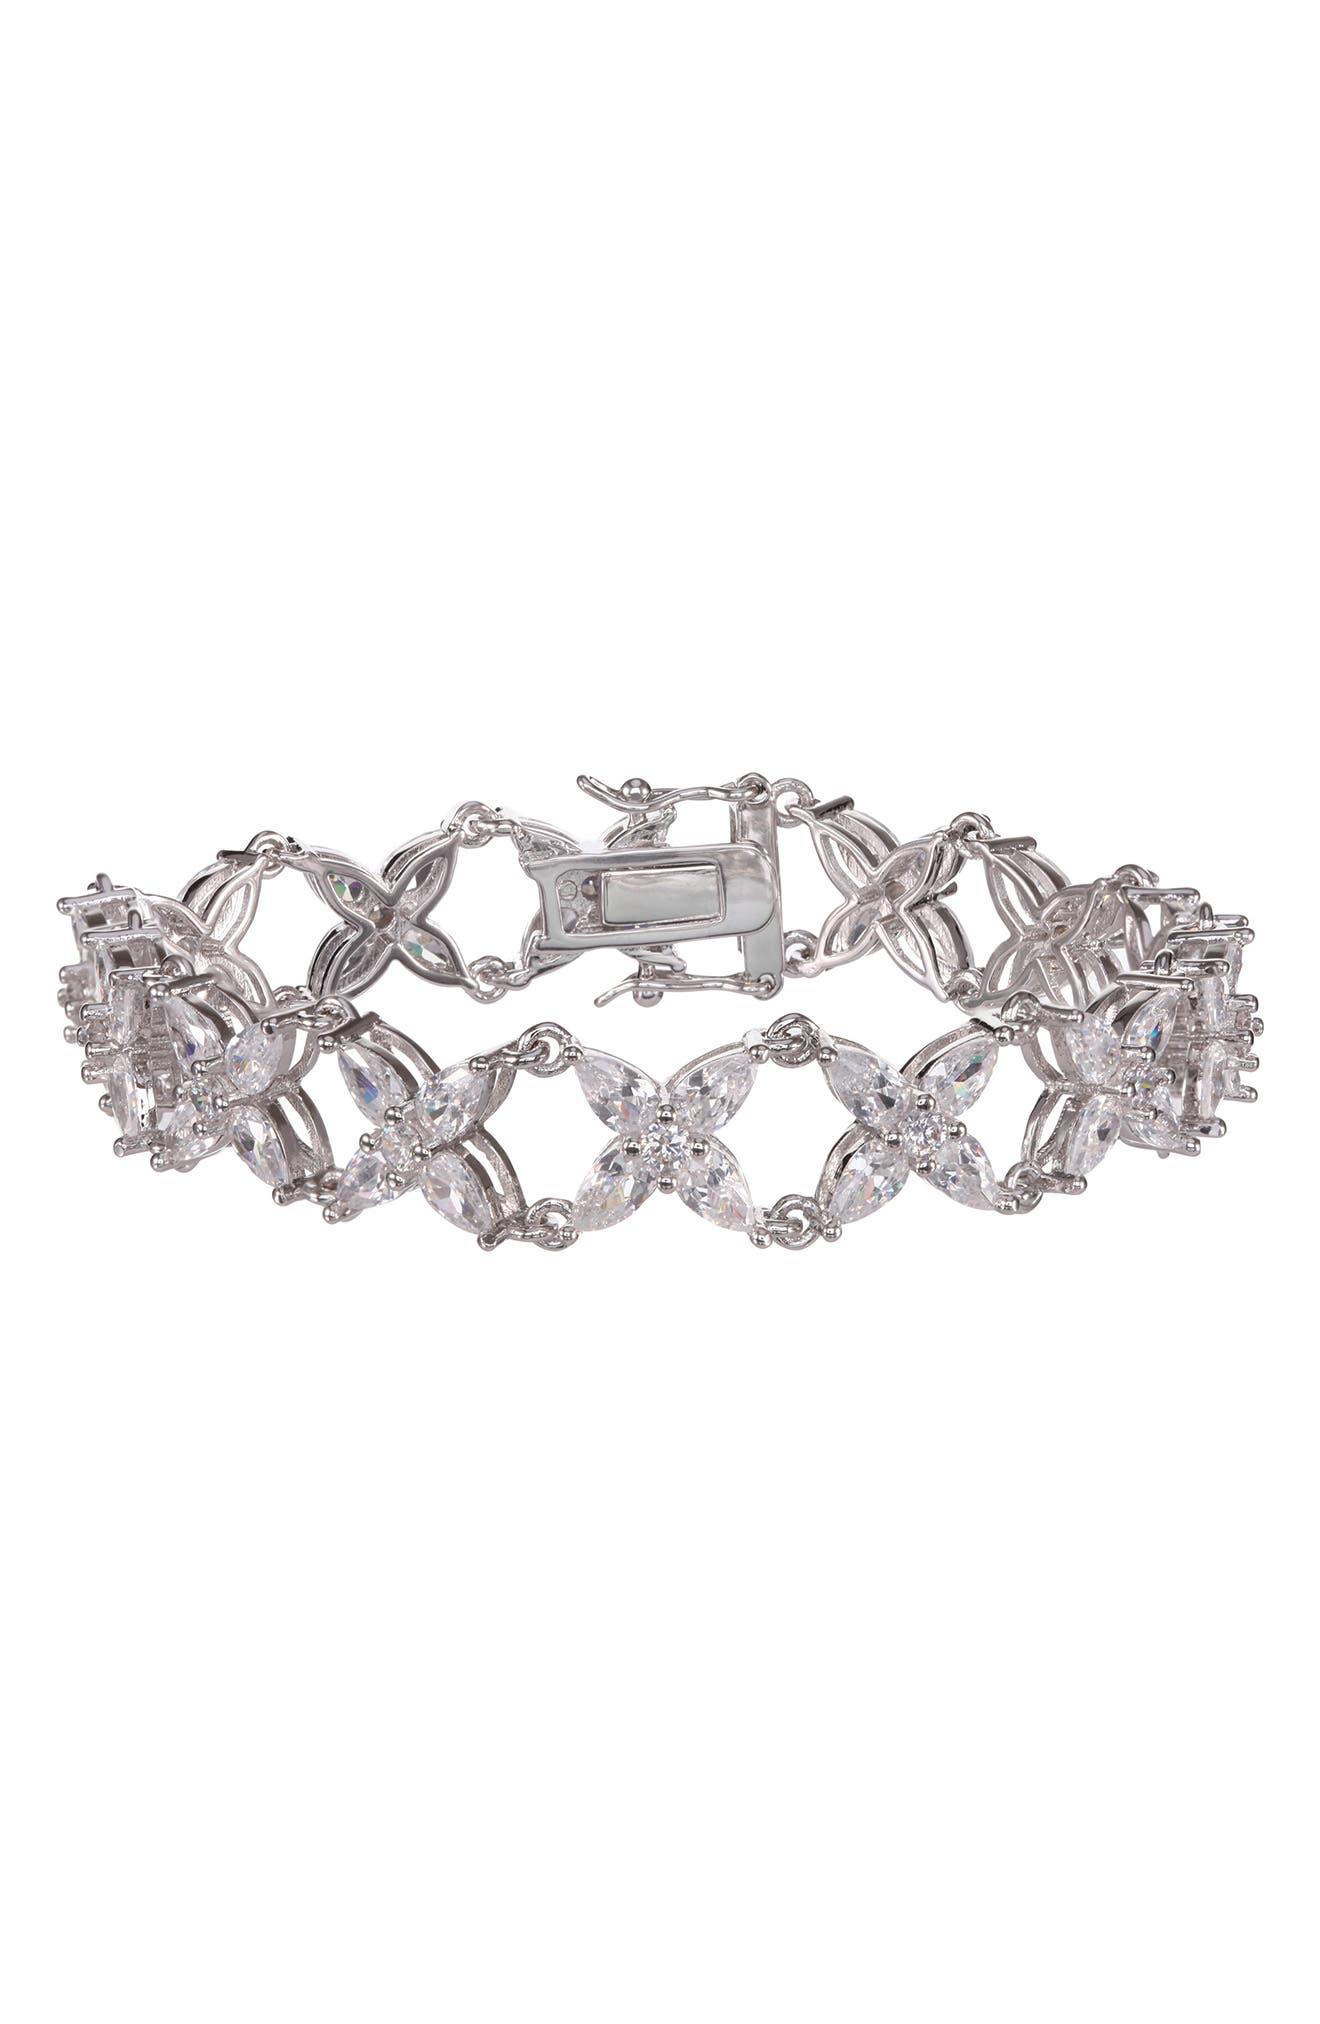 Floral Marquis Cubic Zirconia Link Bracelet,                         Main,                         color, White/ Silver